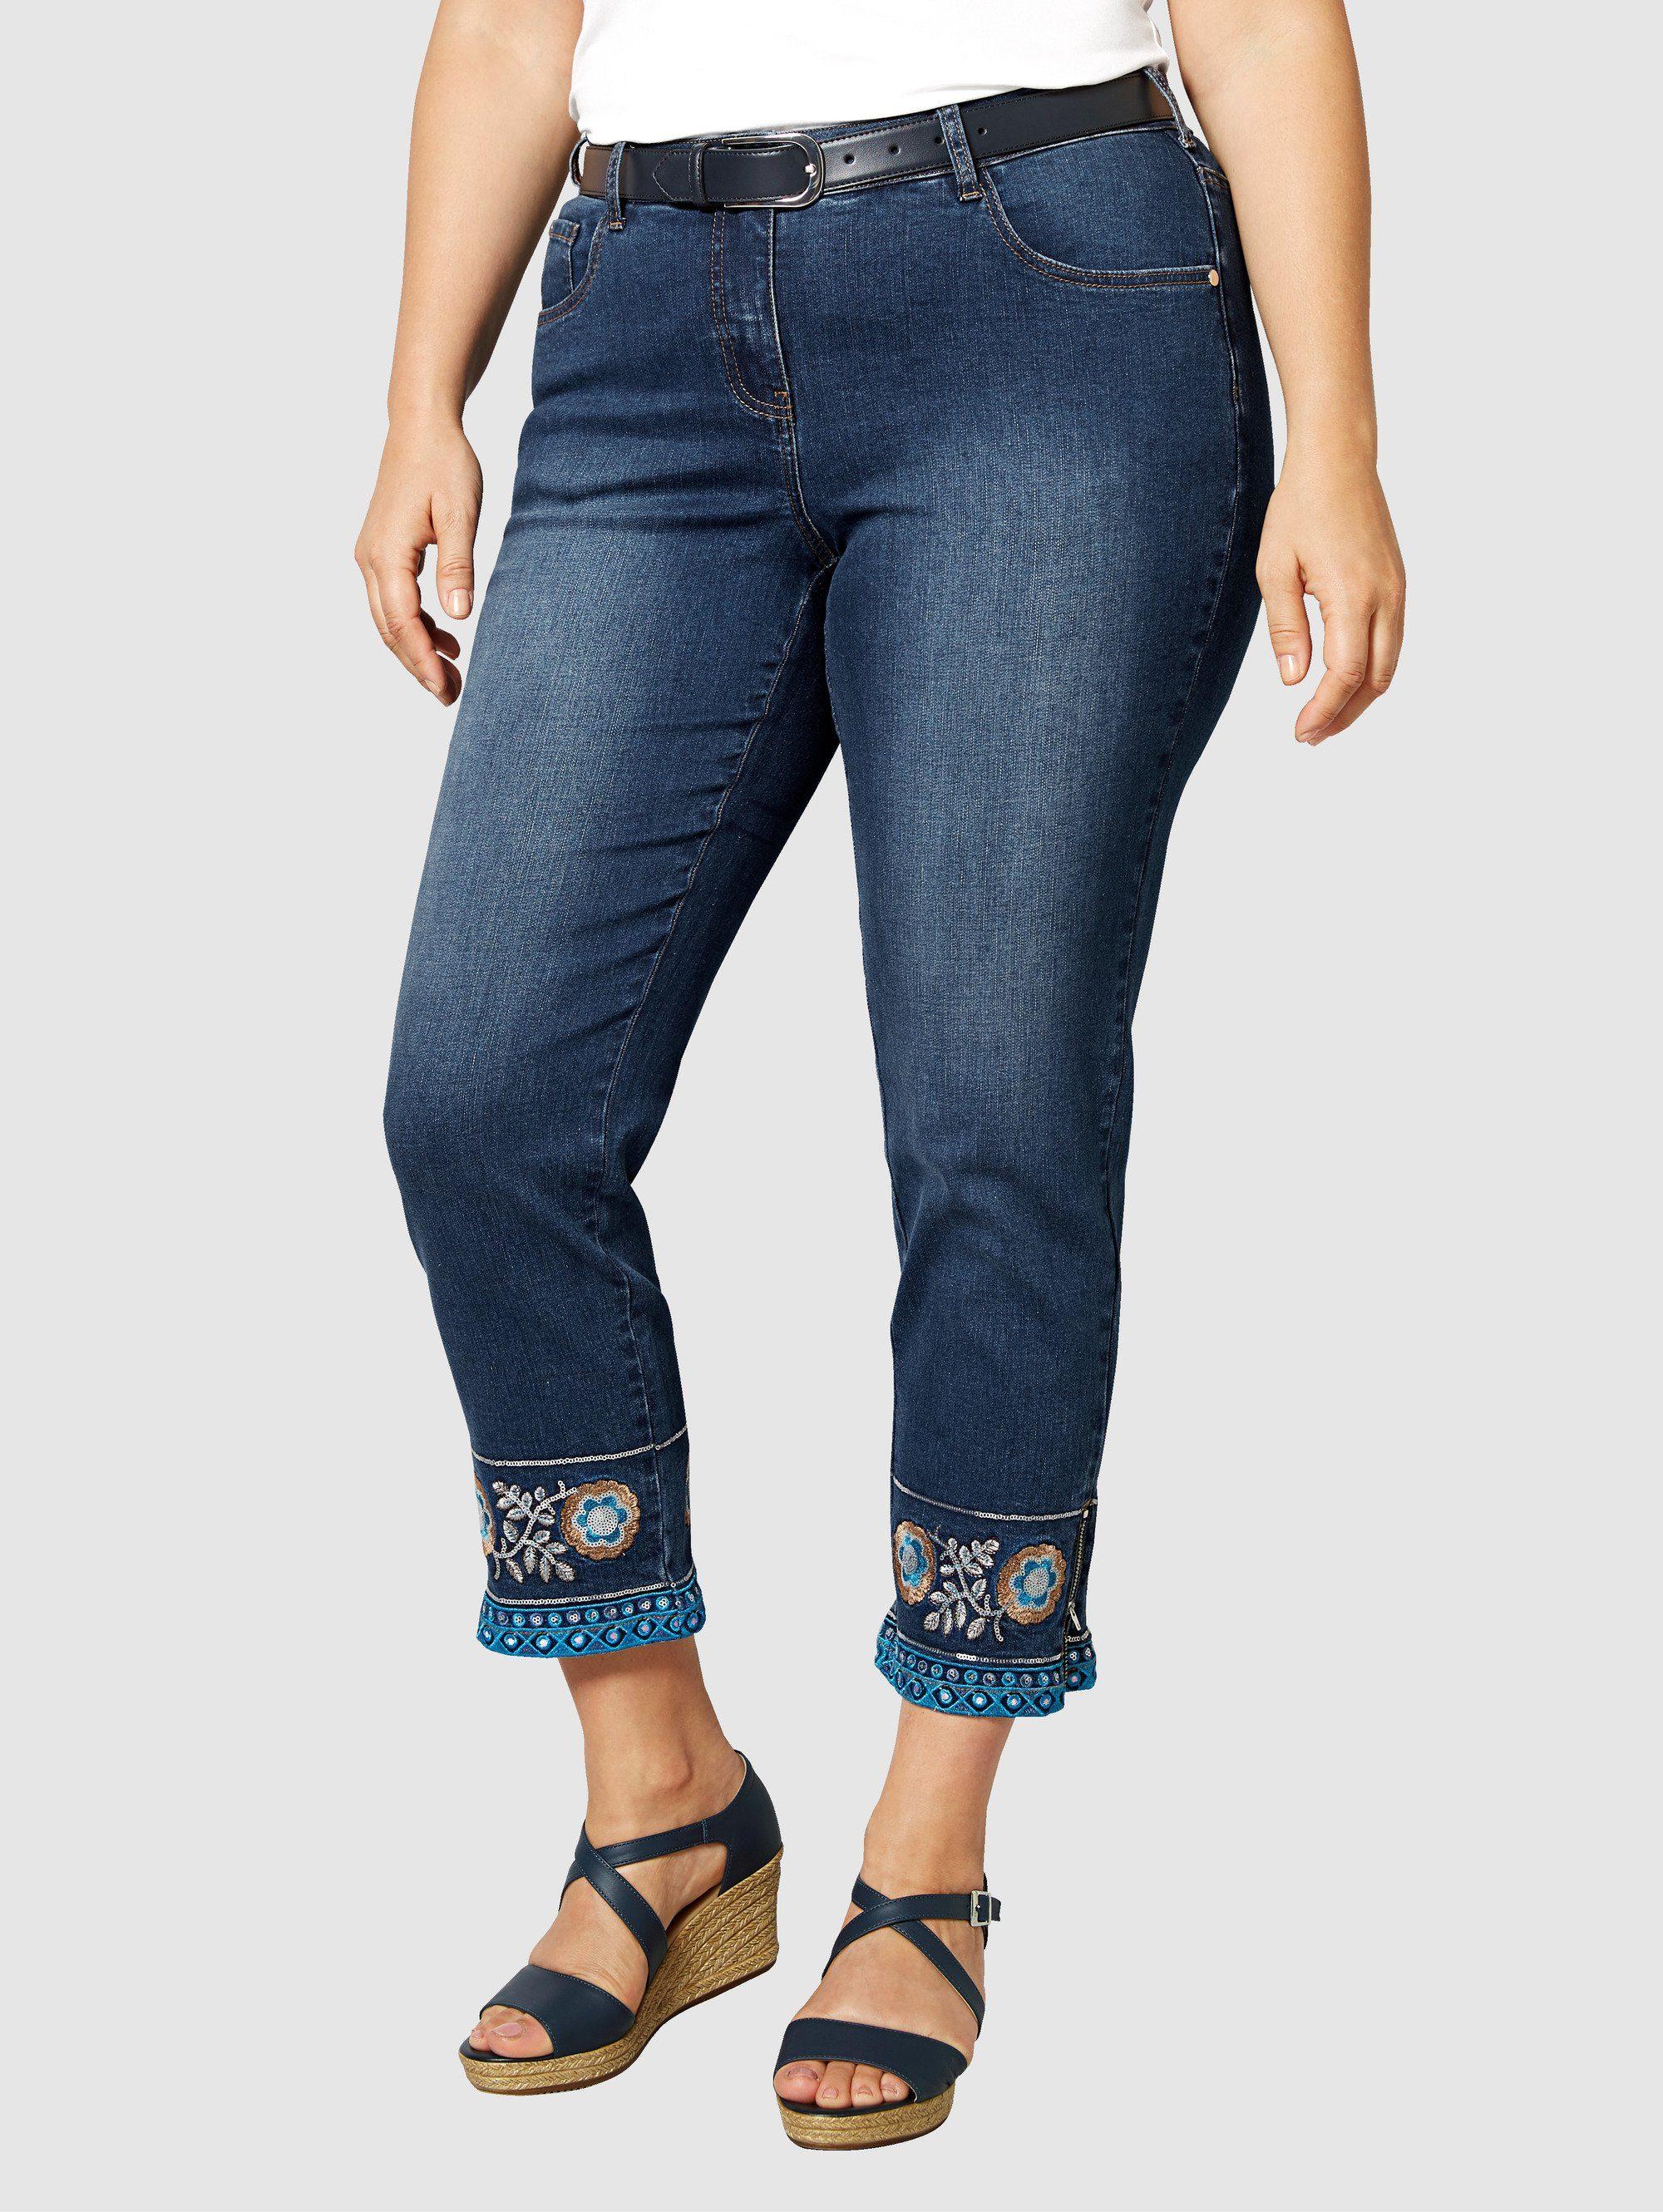 Sara Lindholm by Happy Size Jeans mit Blumenstickerei online kaufen | OTTO